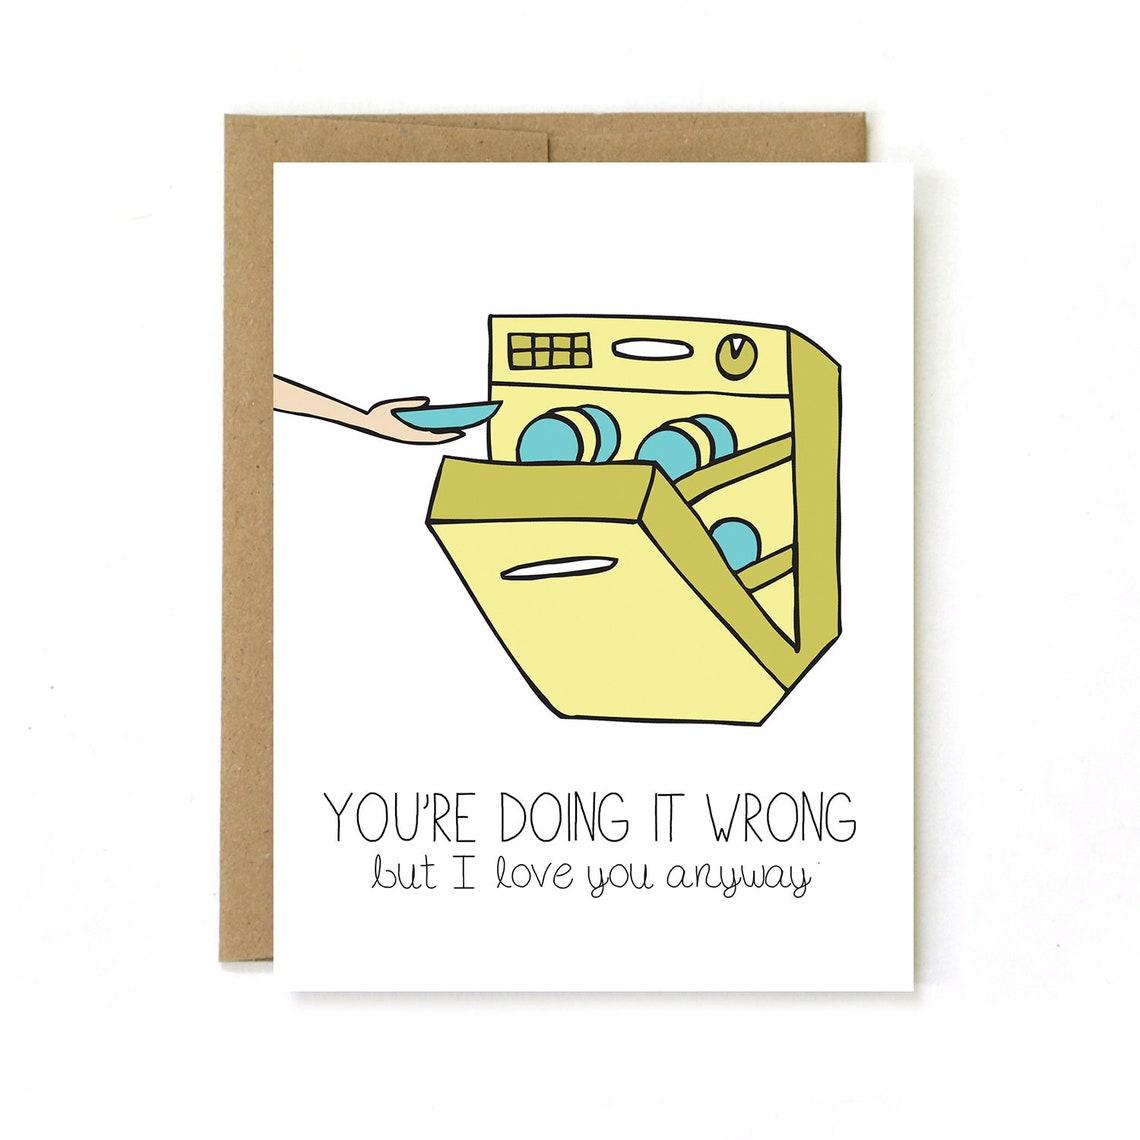 Printable Questionable Valentines @michellepaigeblogs.com